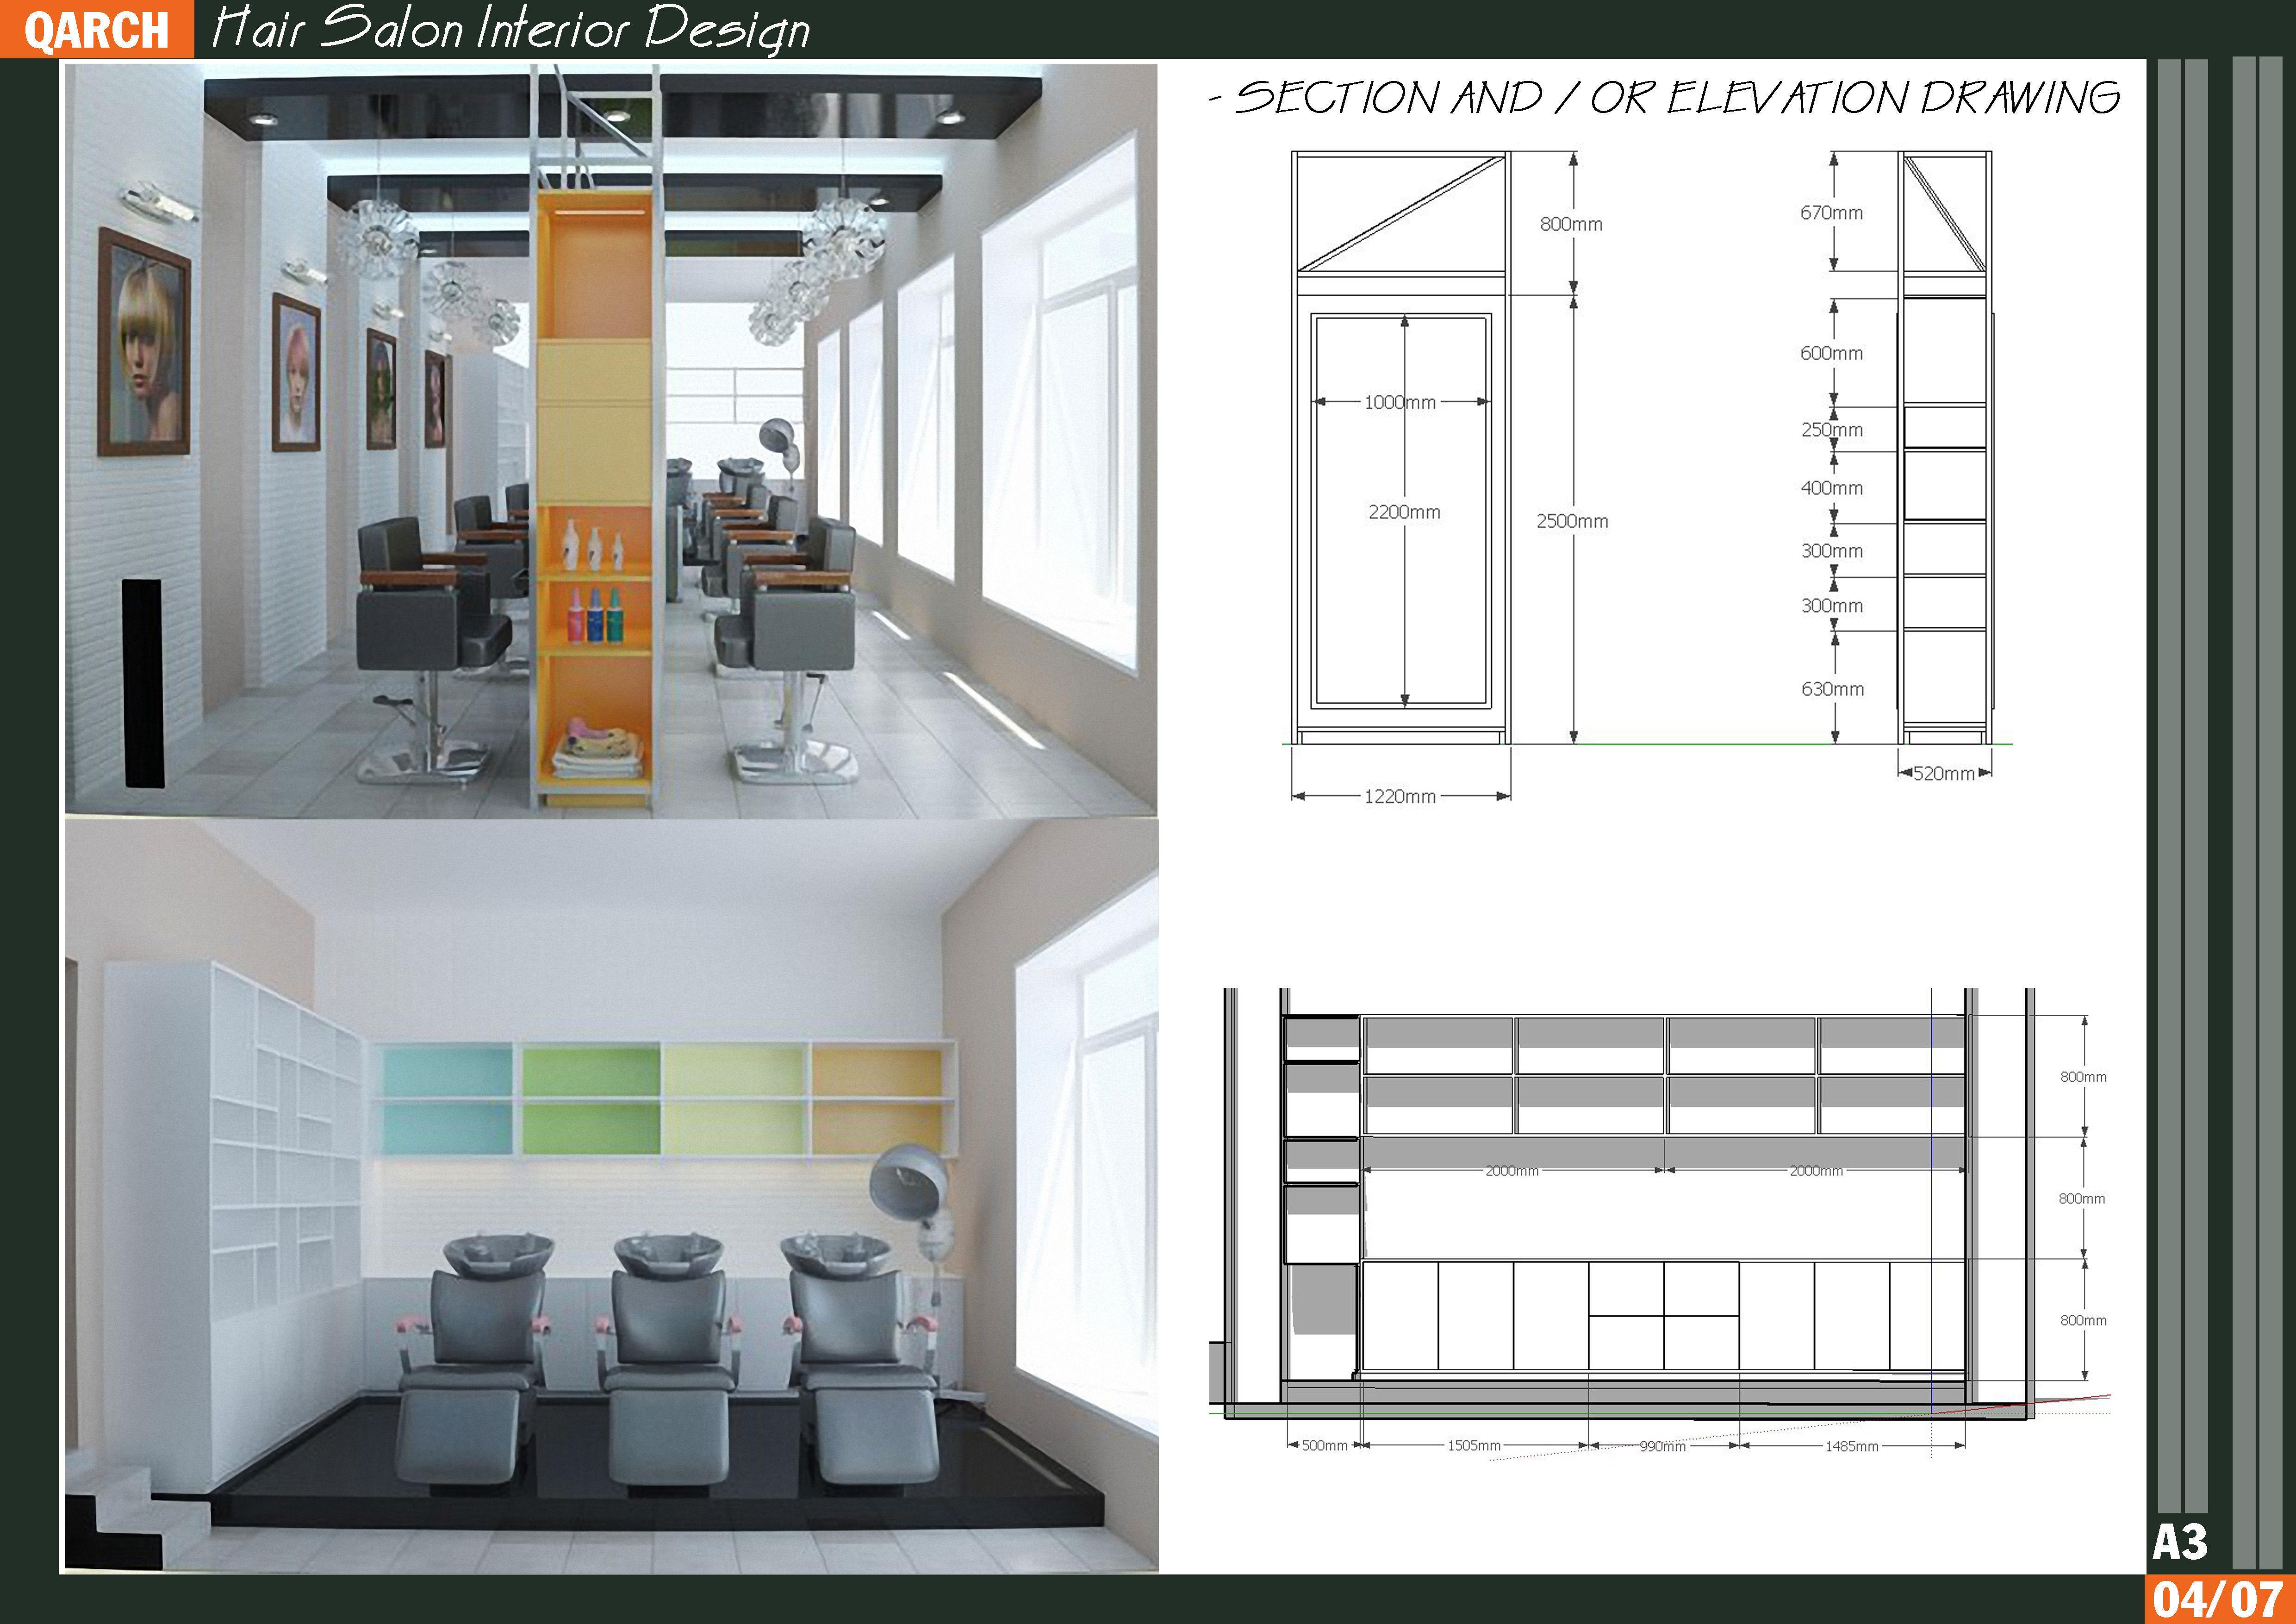 shop decor de impressionnant pictures decoration salon avec interior for ideas sent design photographies pr hair top present